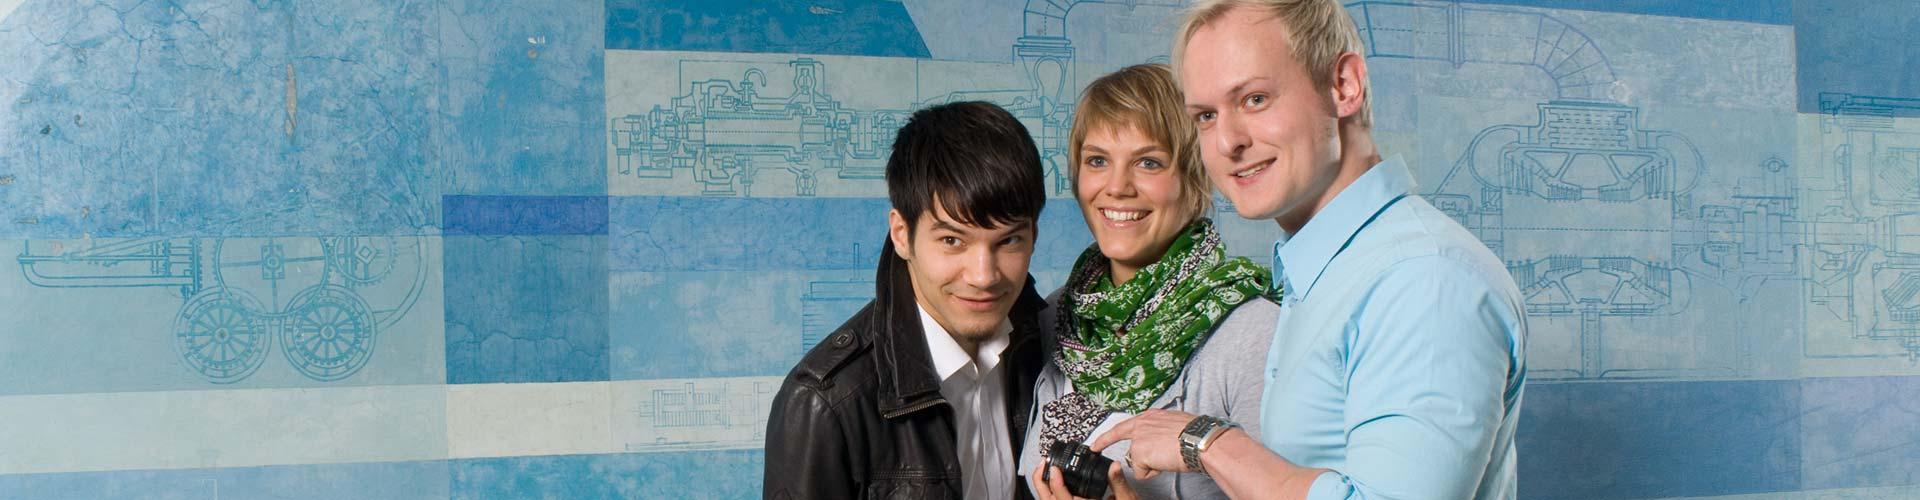 Imagefoto für die Hochschule München, 3 Studenten im Fojer